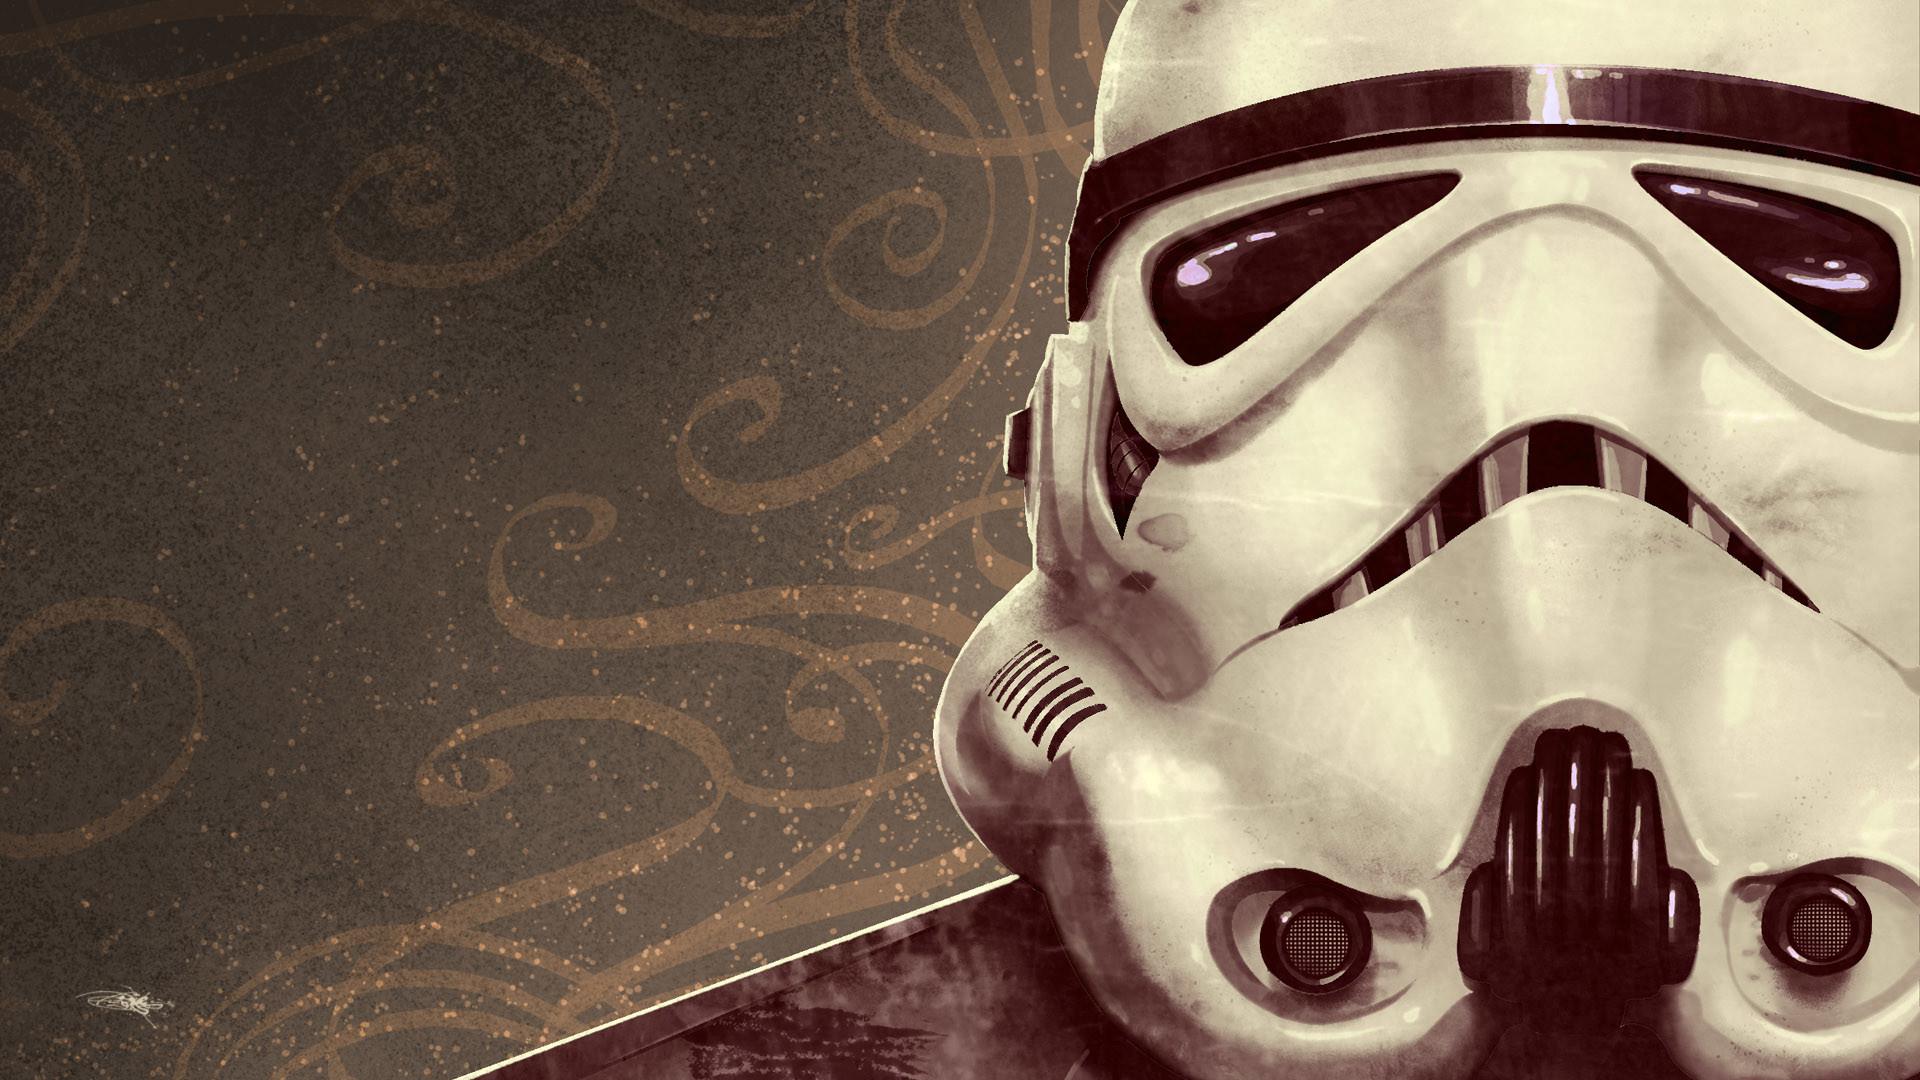 Hd Wallpapers Star Wars Stormtrooper 1280 X 1024 116 Kb Jpeg